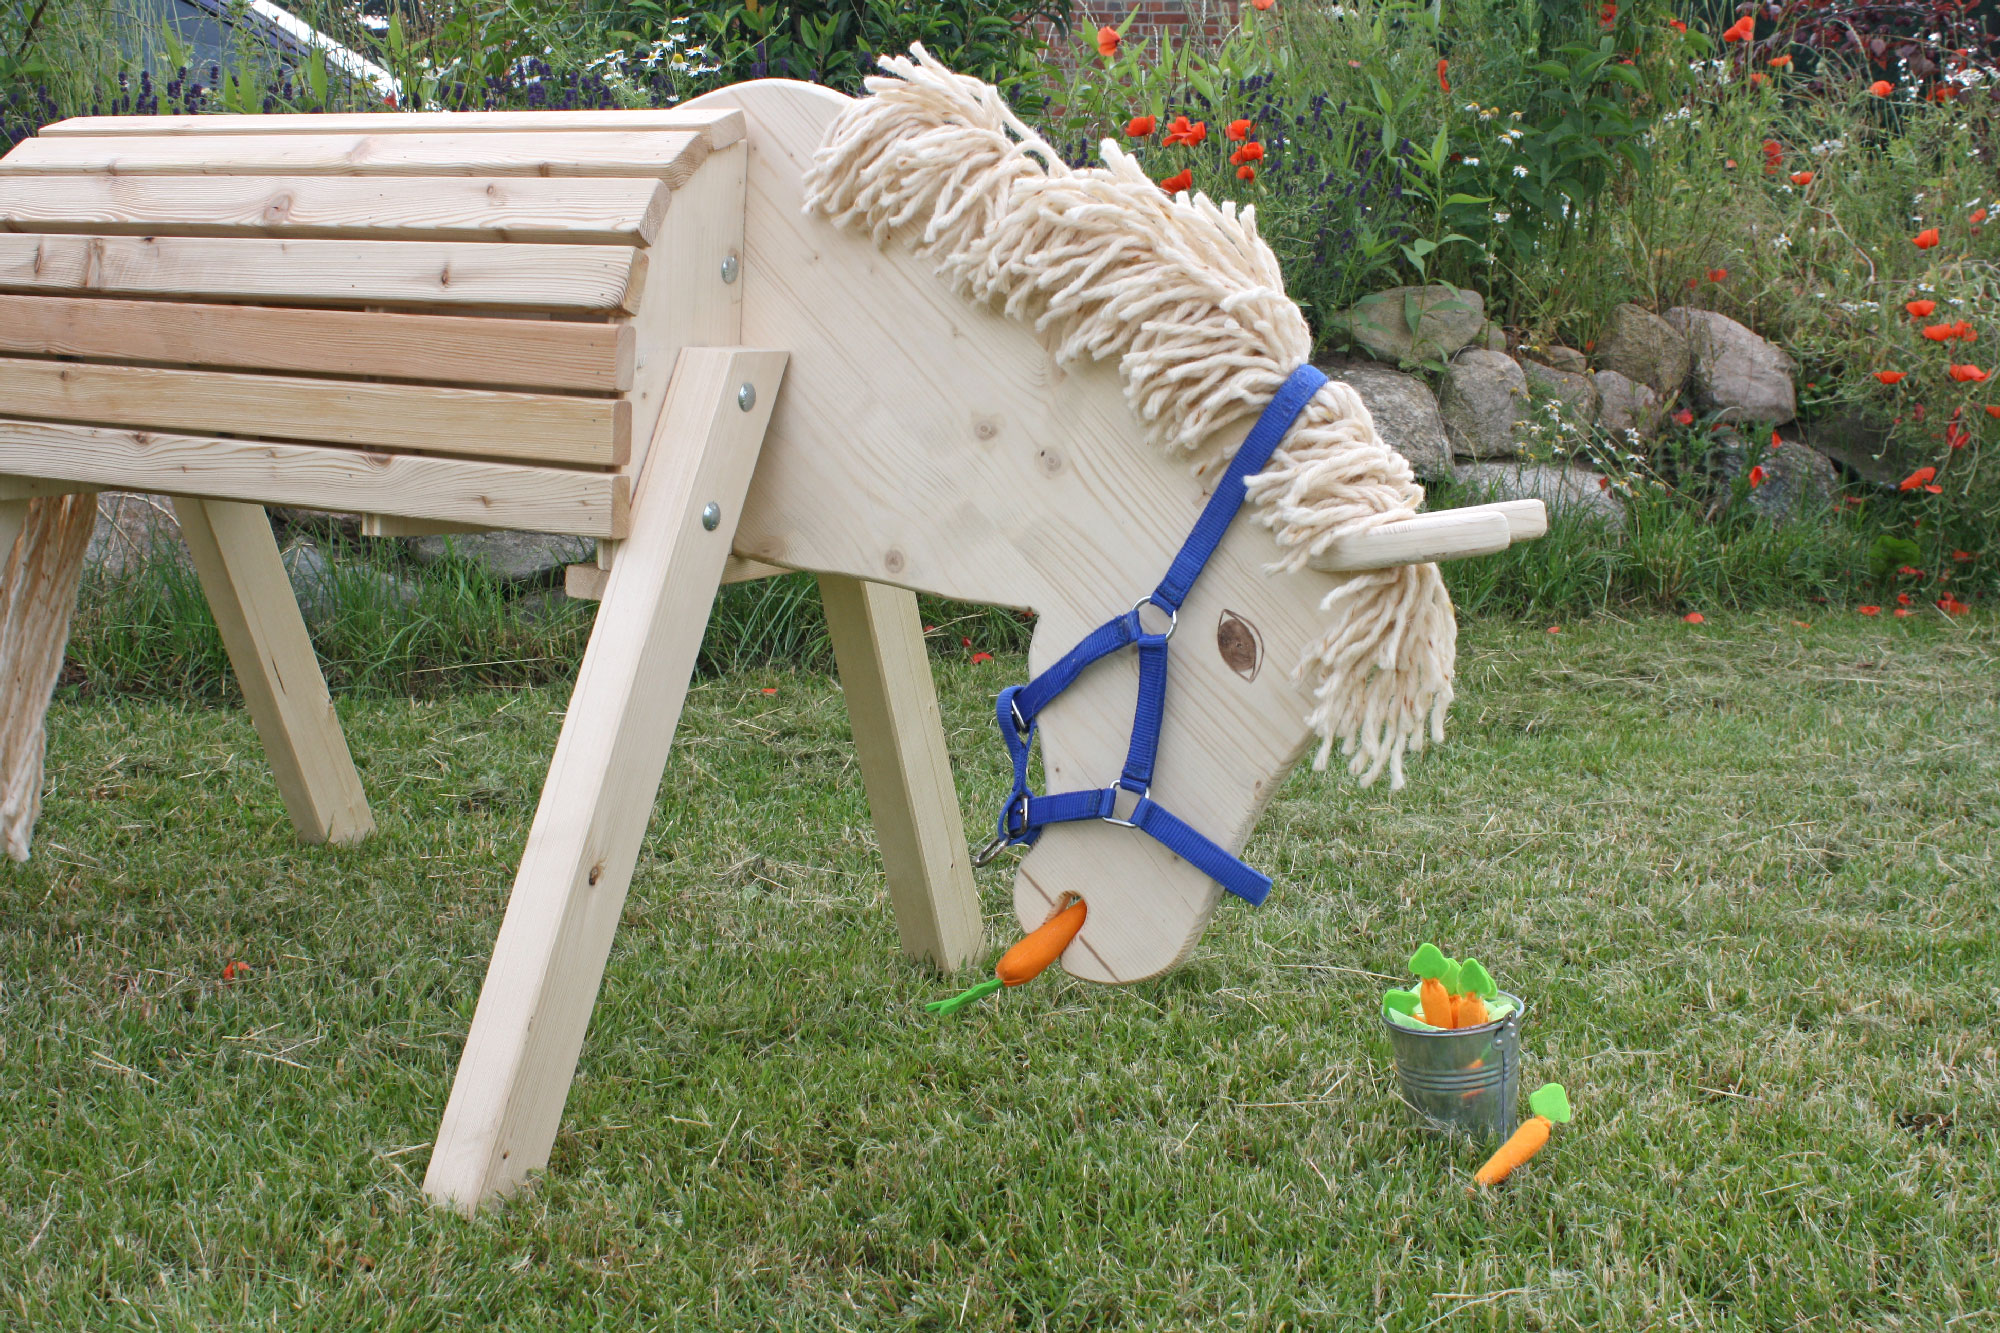 hoq gartenpferd susi mit absenkbarem kopf holzpferd spielpferd sportger t neu 4260197123364 ebay. Black Bedroom Furniture Sets. Home Design Ideas